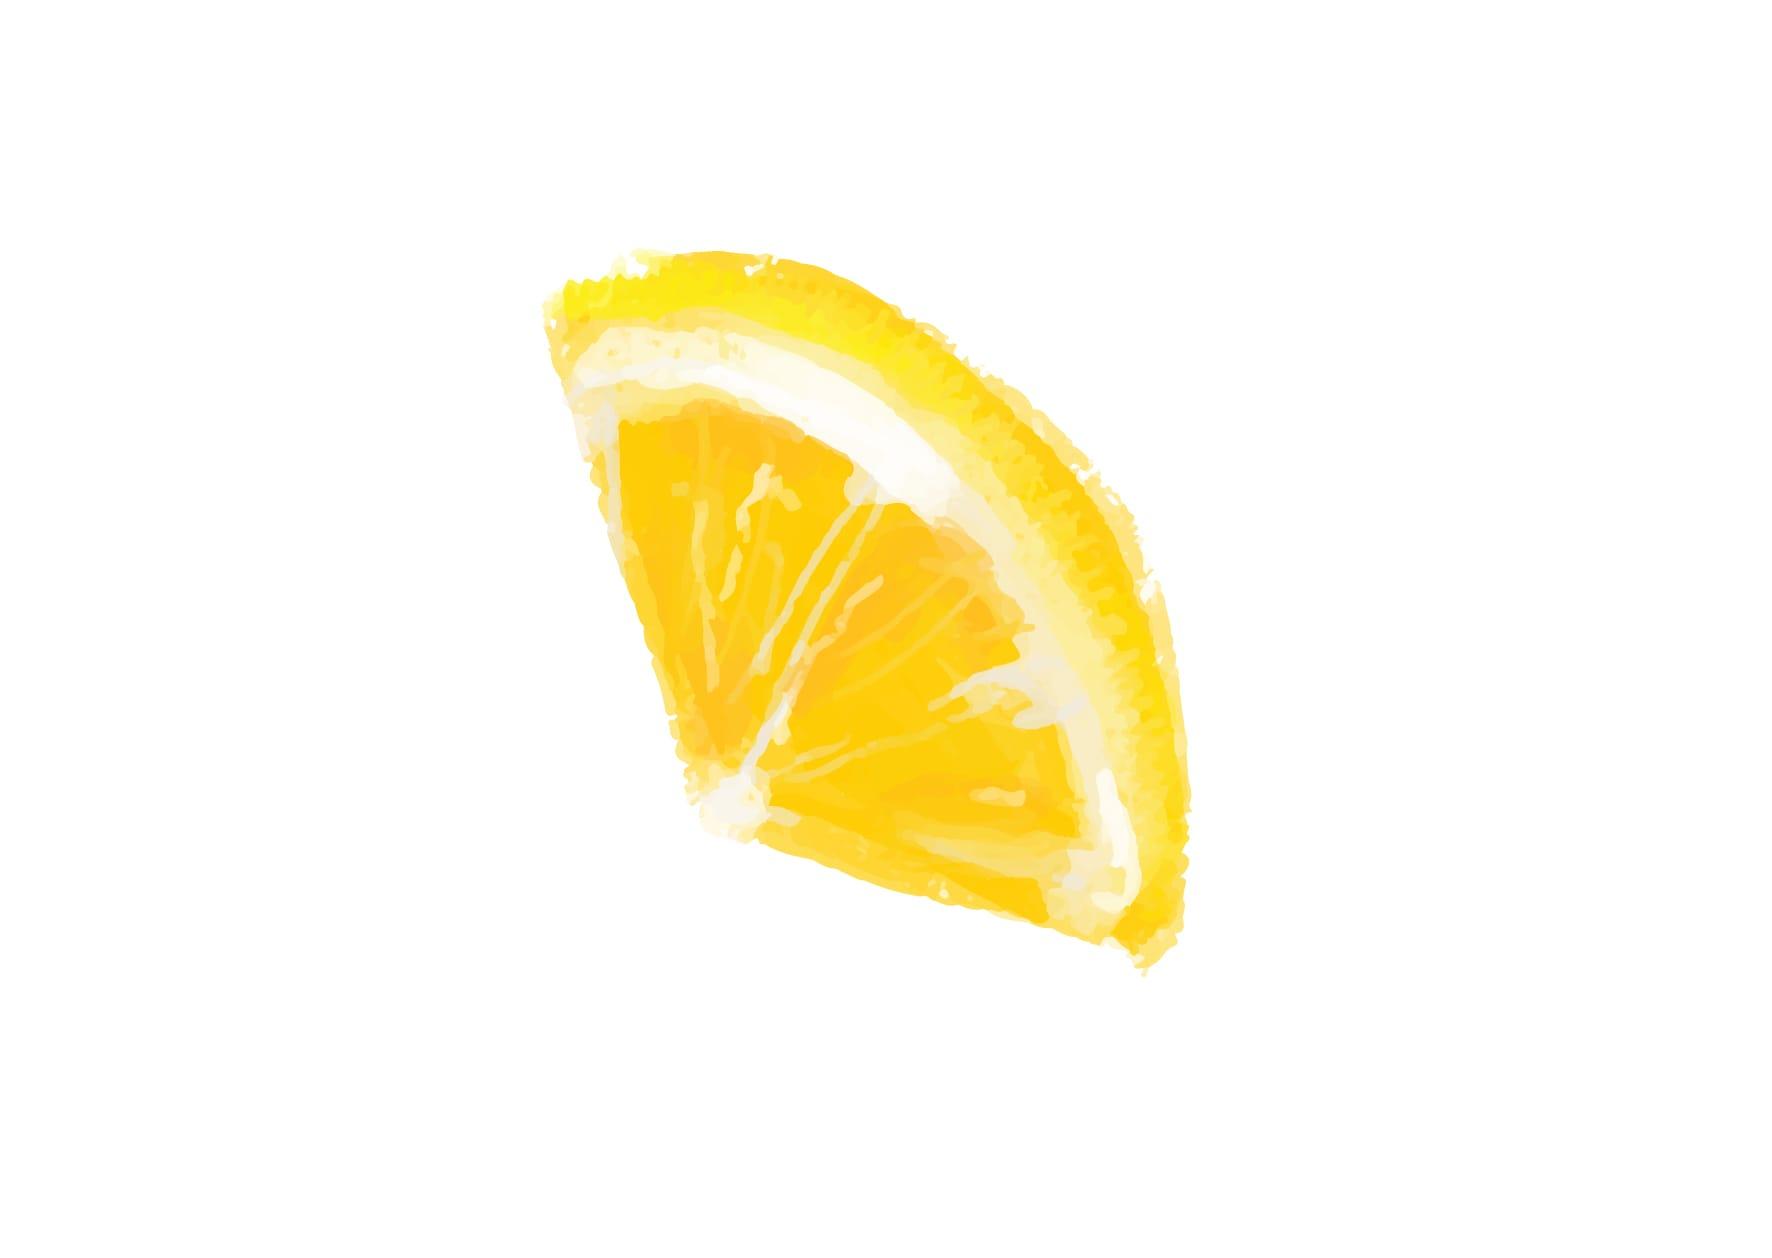 手書きイラスト無料|手書き オレンジ 1つ2